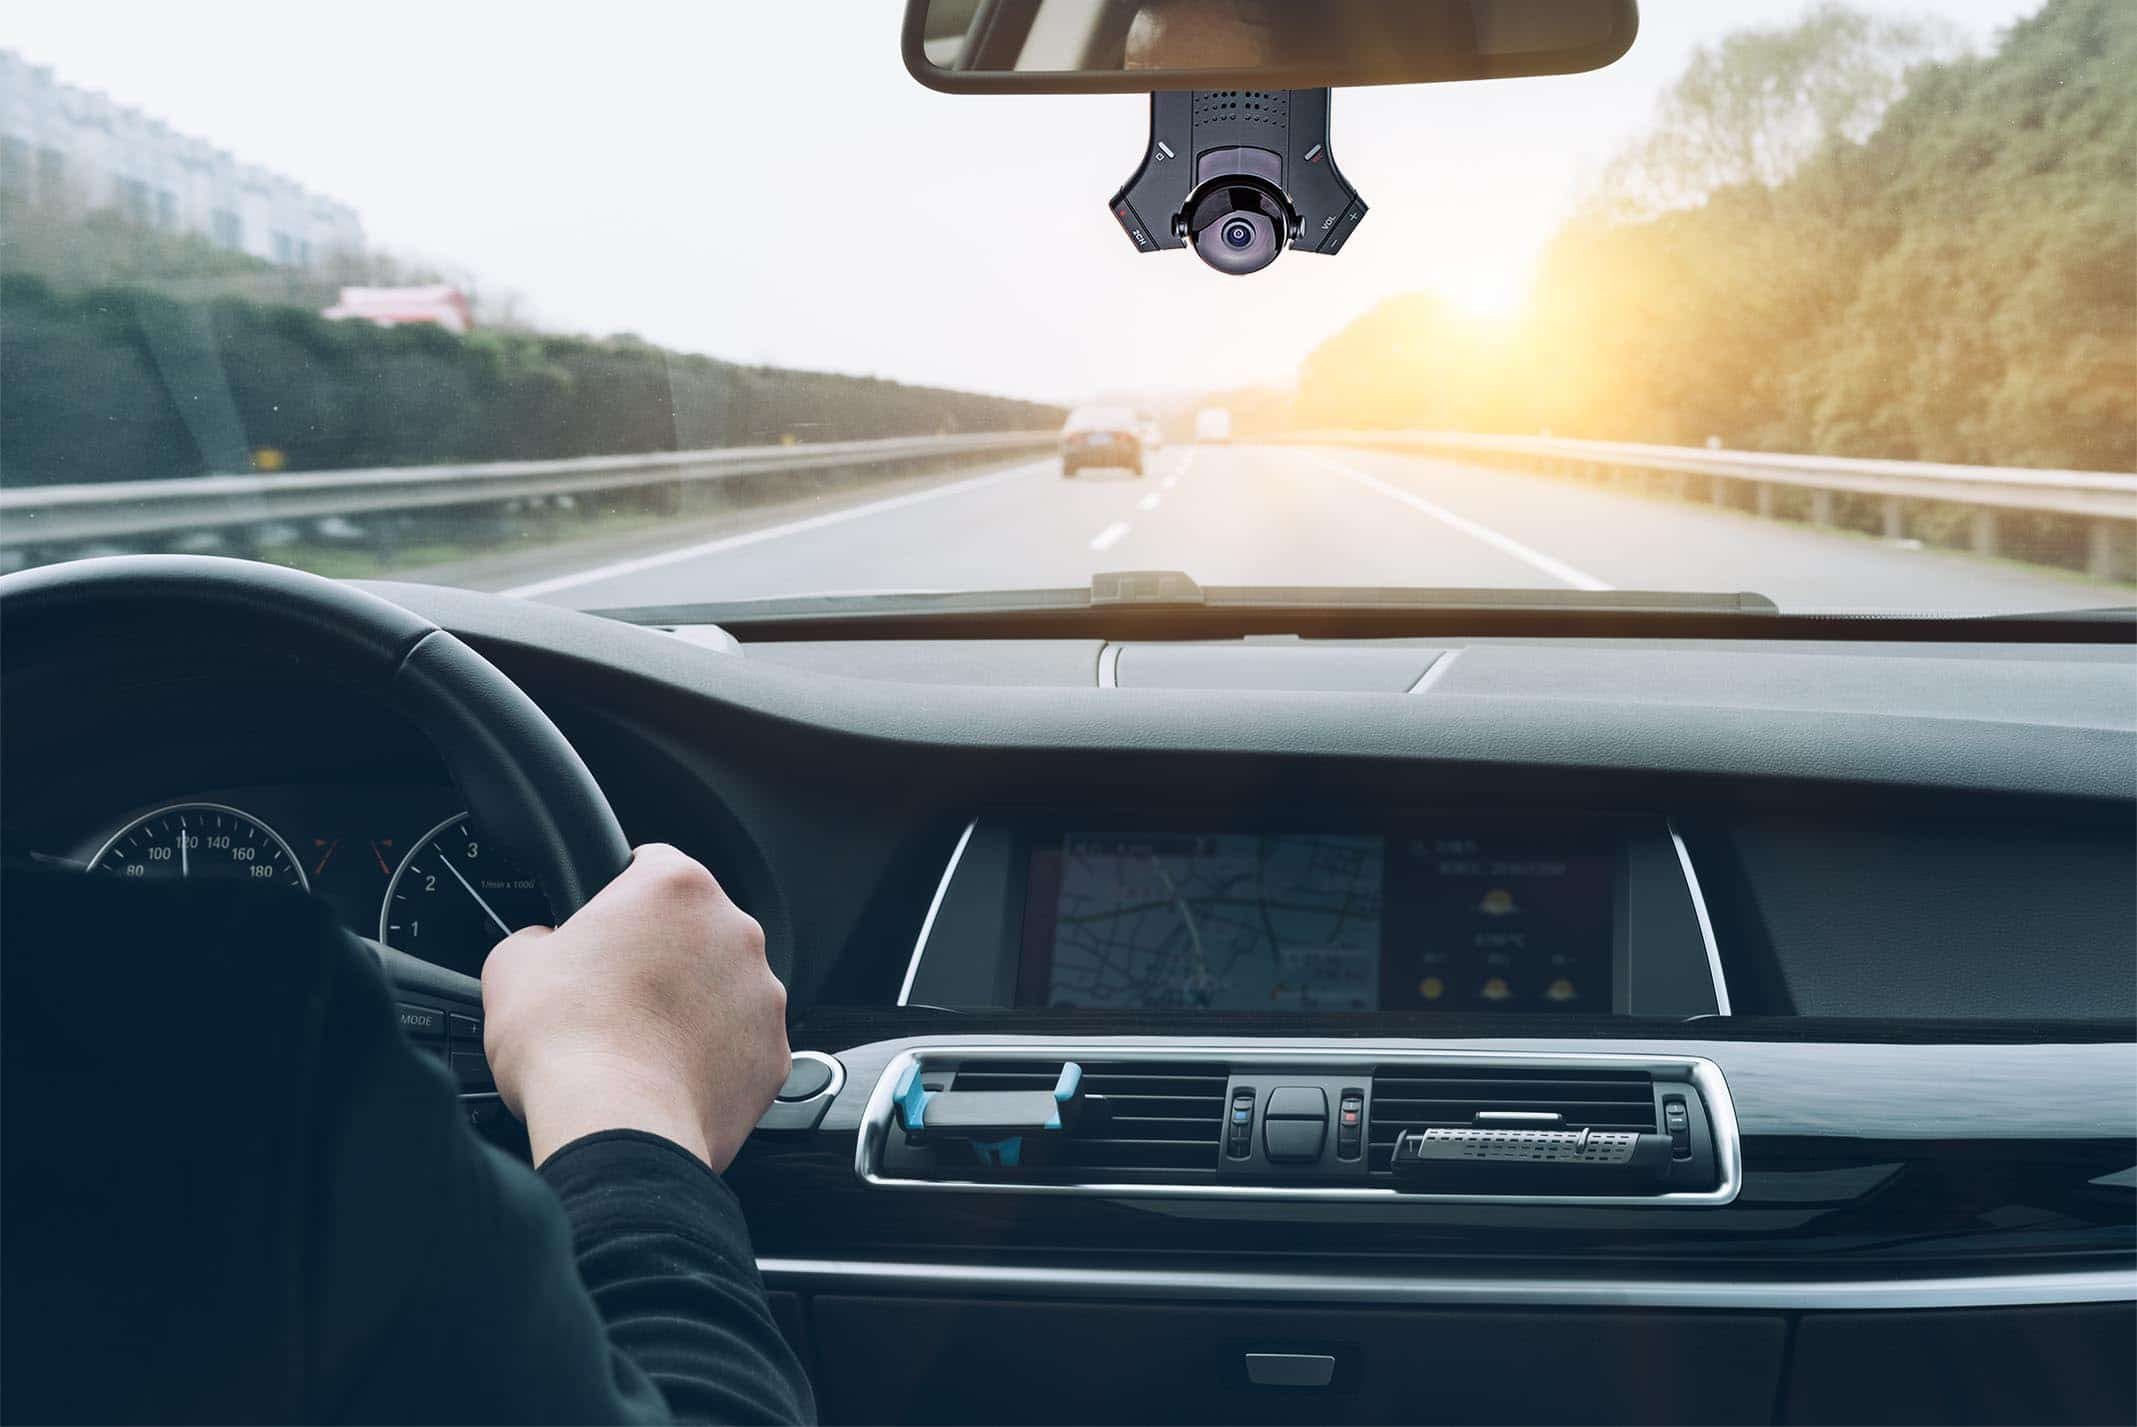 دوربین آینه ای خودرو